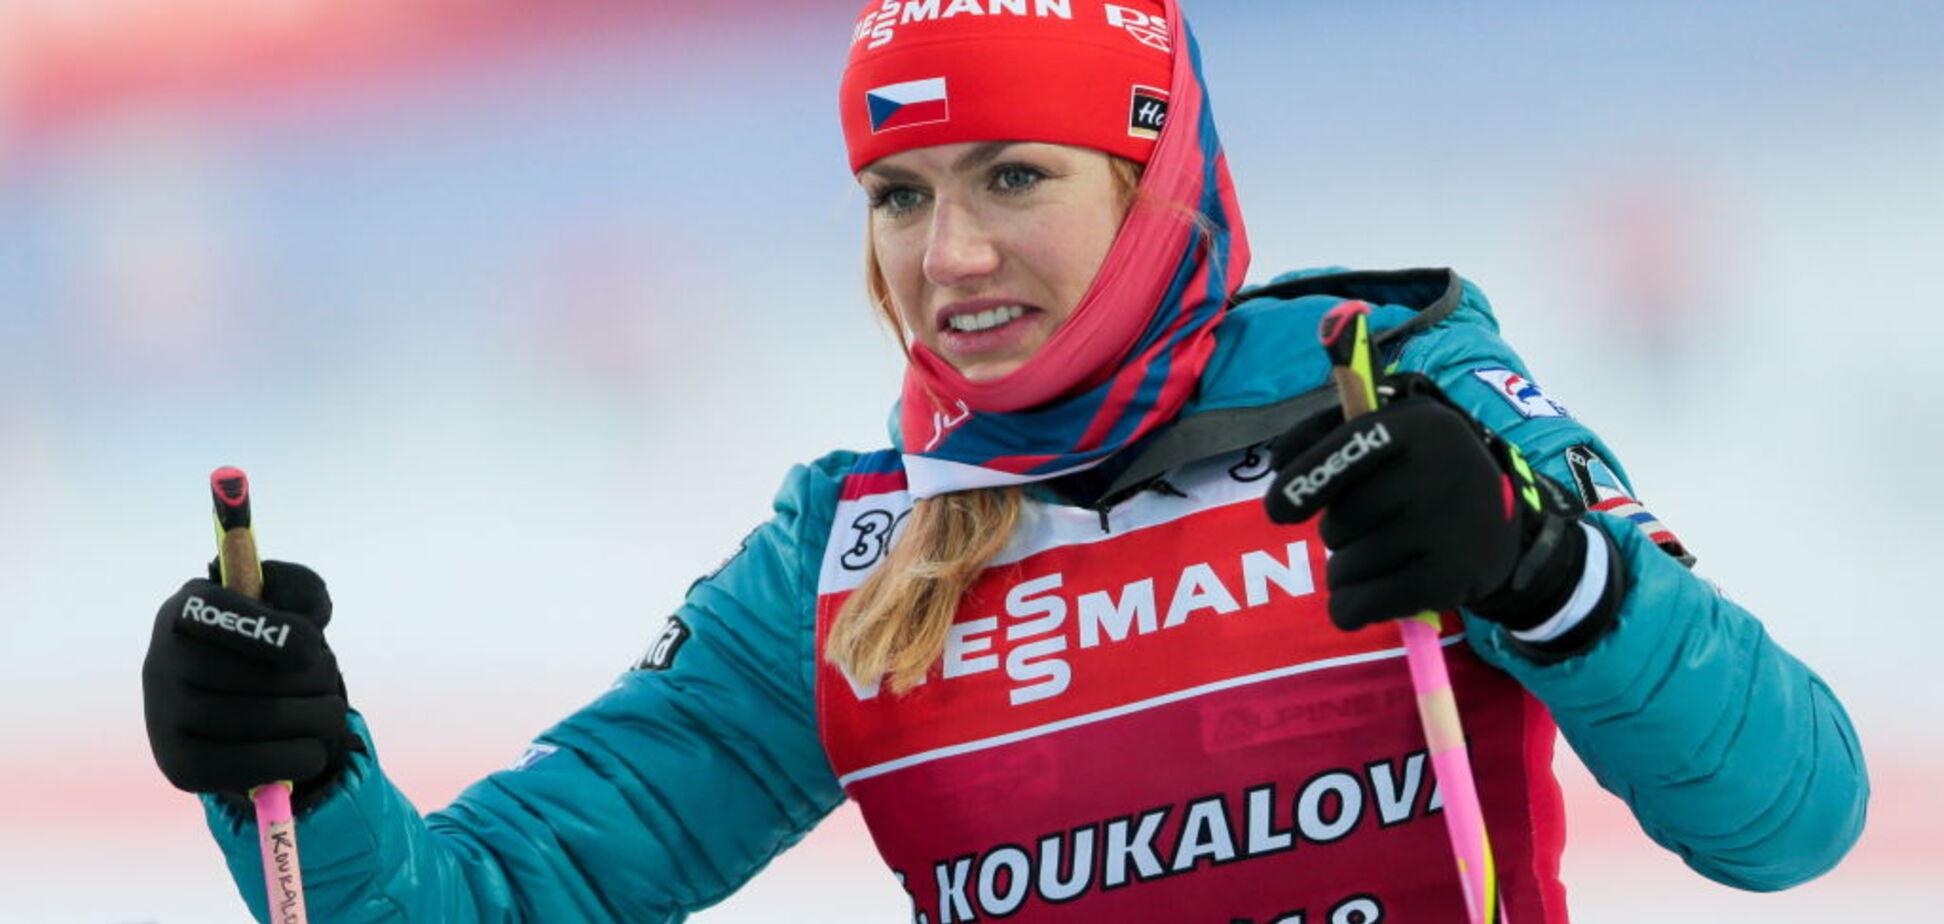 'Хочу им напомнить': одна из лучших биатлонисток мира красиво поставила на место россиян